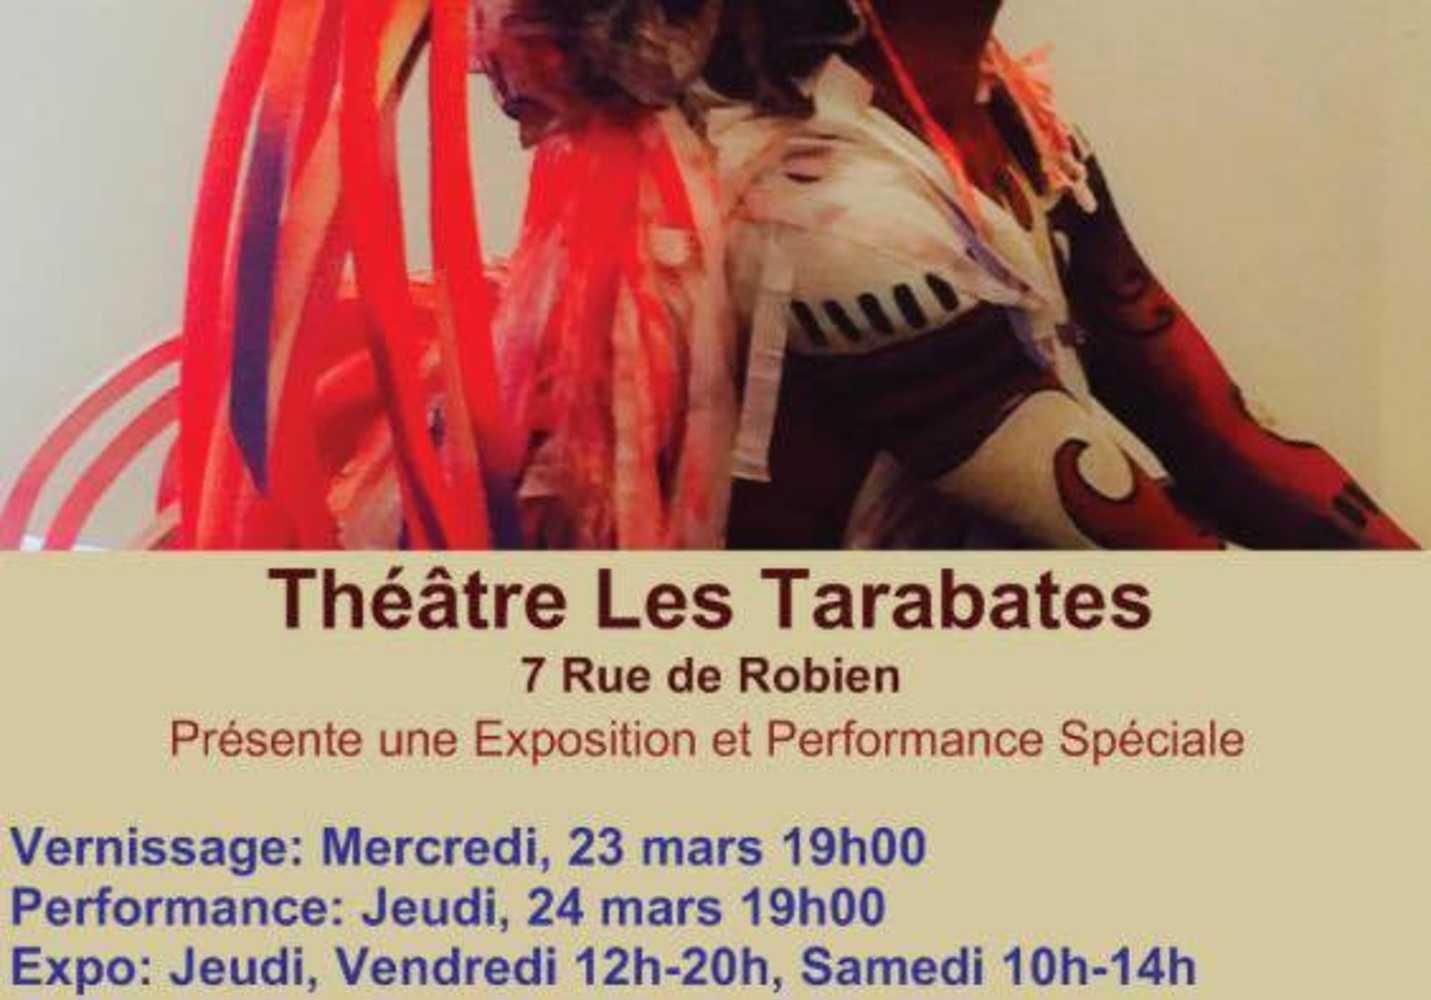 Exposition artistique et théâtrale au théâtre des Tarabathes, 7 rue de Robien 0